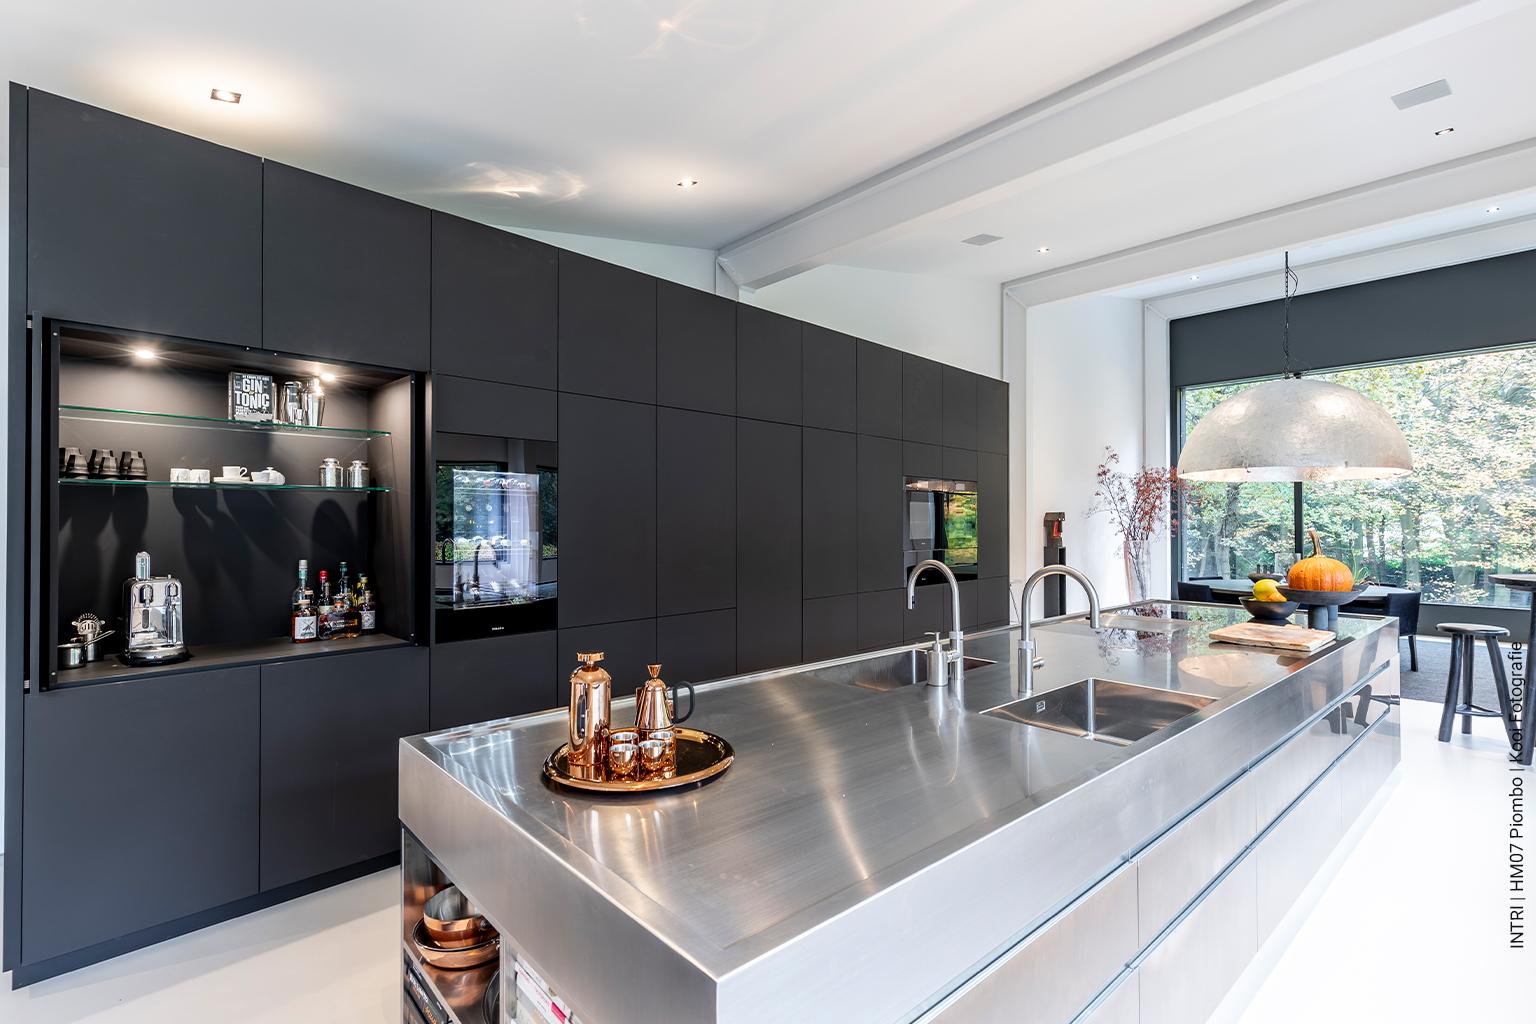 HM07 Piombo Keuken